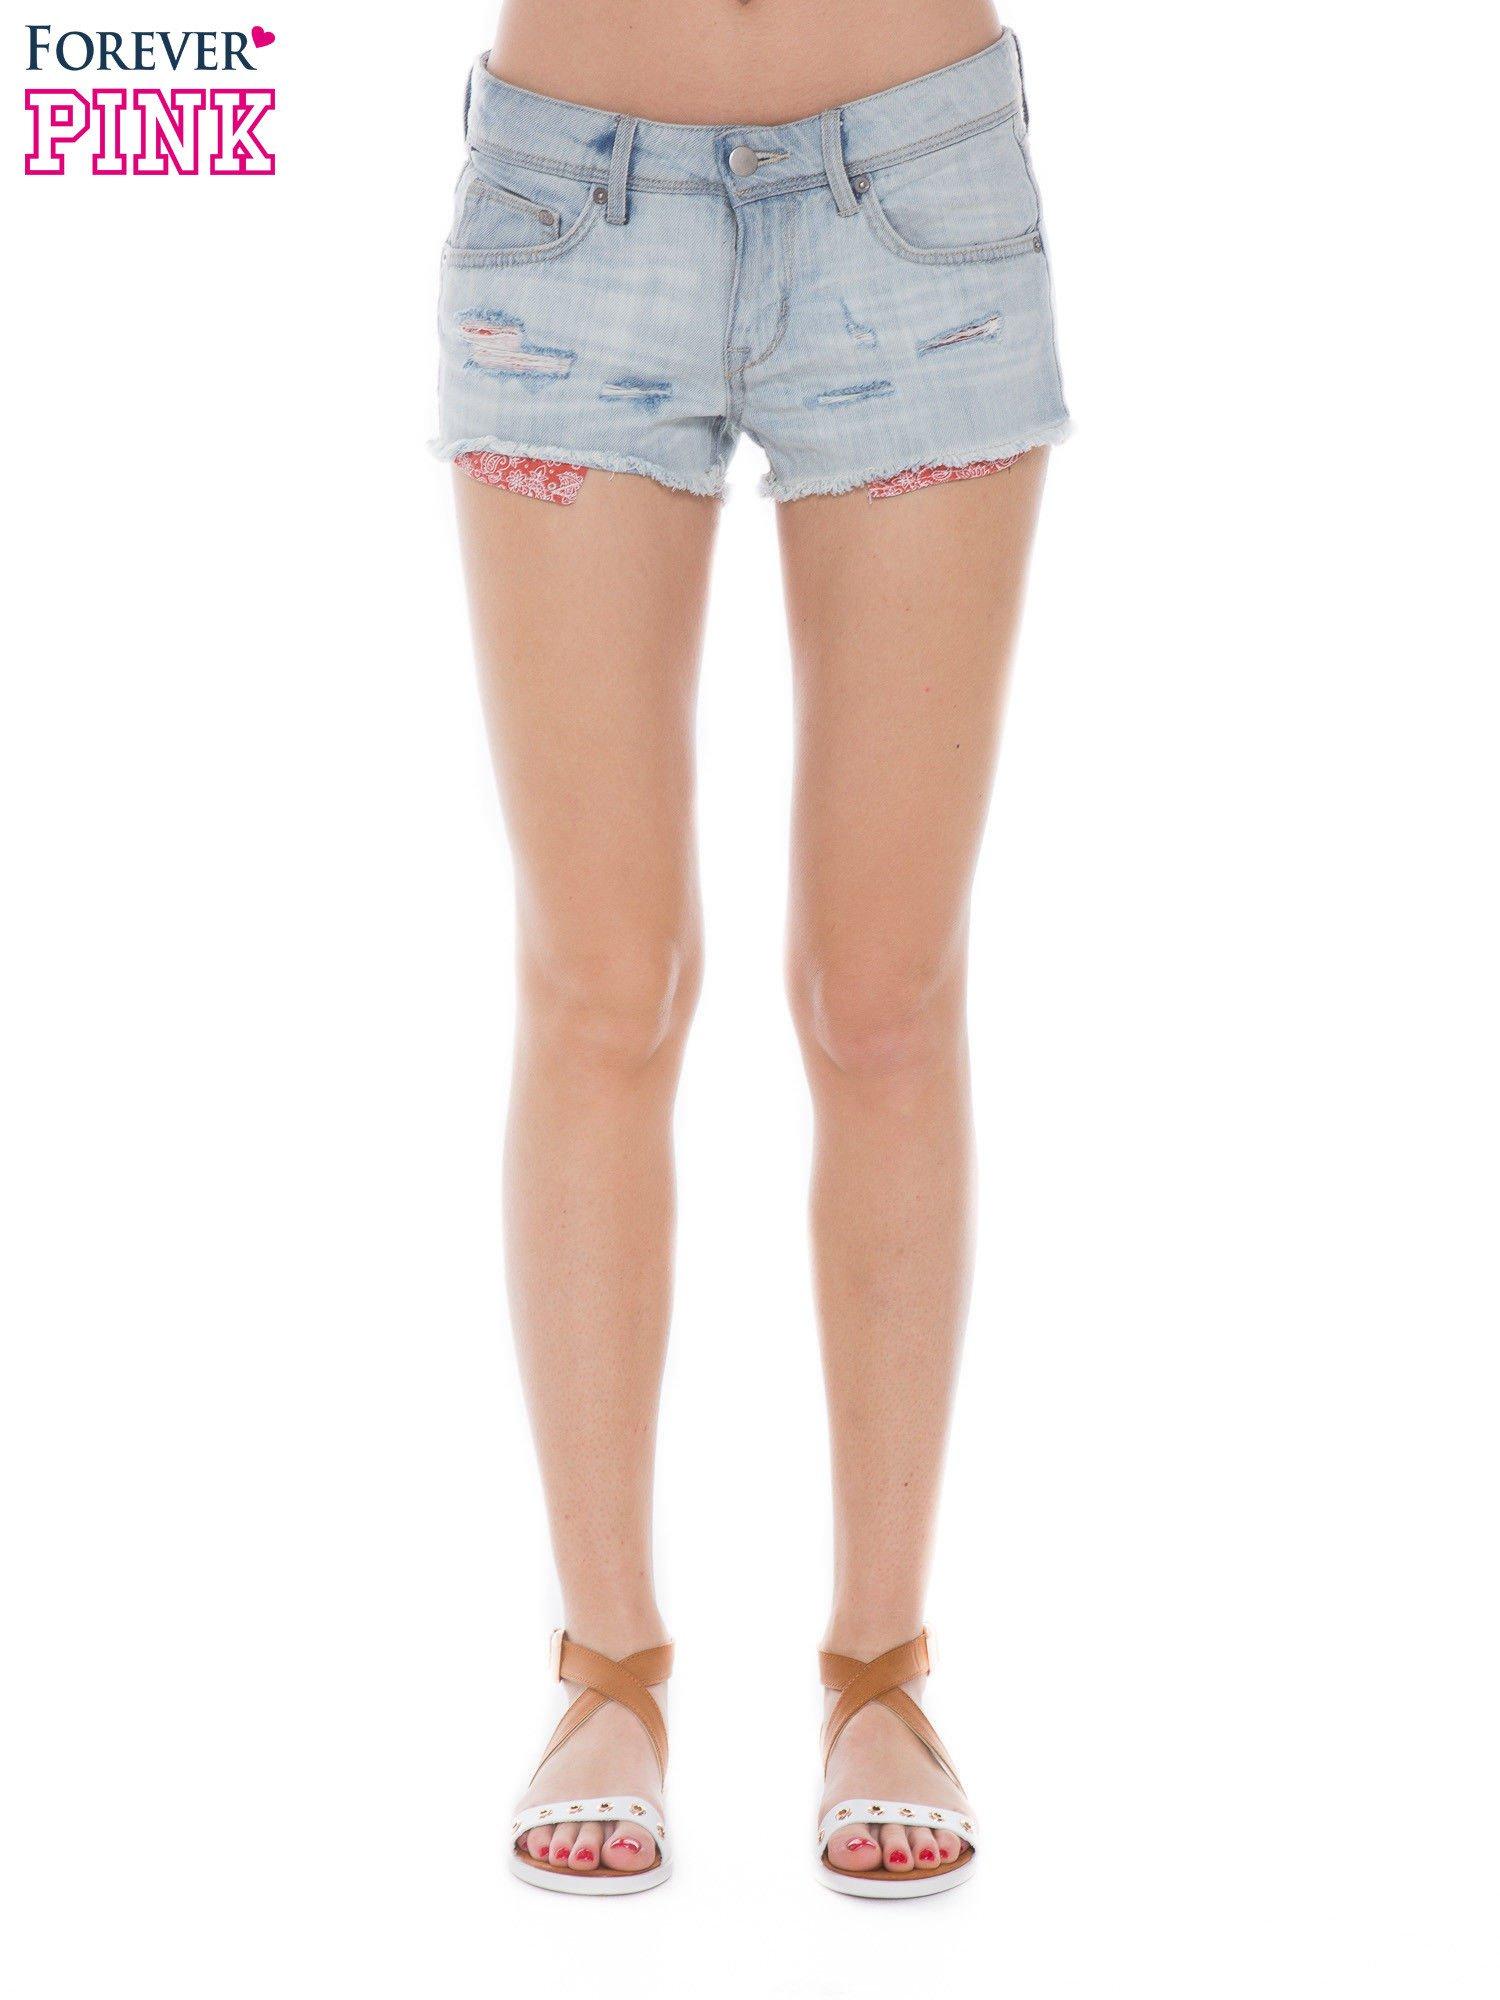 Jasnoniebieskie jeansowe szorty z wystającymi kieszeniami                                  zdj.                                  1